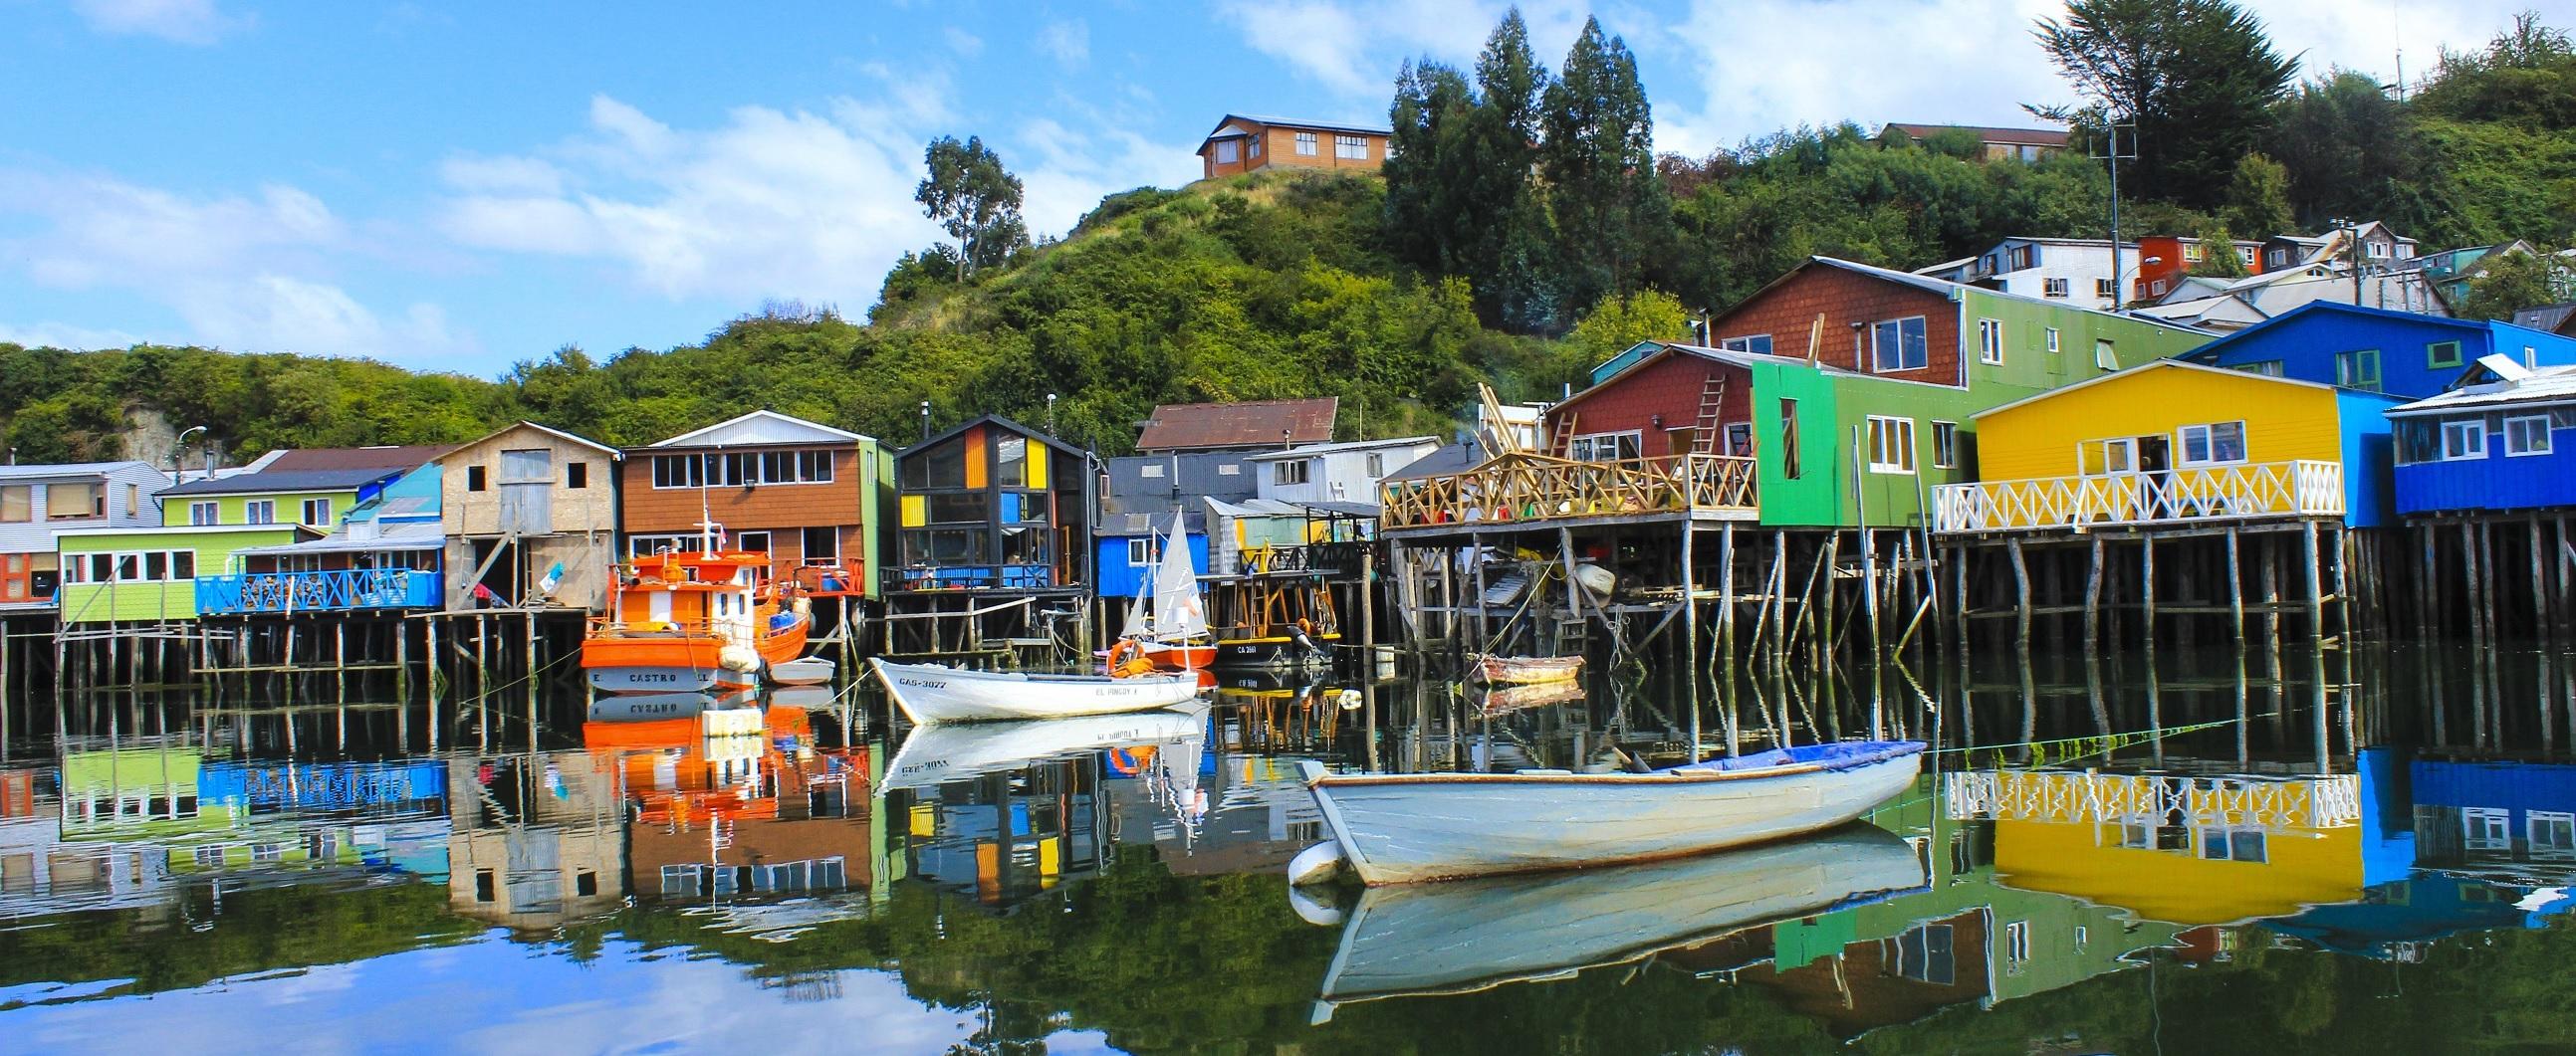 Imagen de los palafitos de Castro en Chiloé